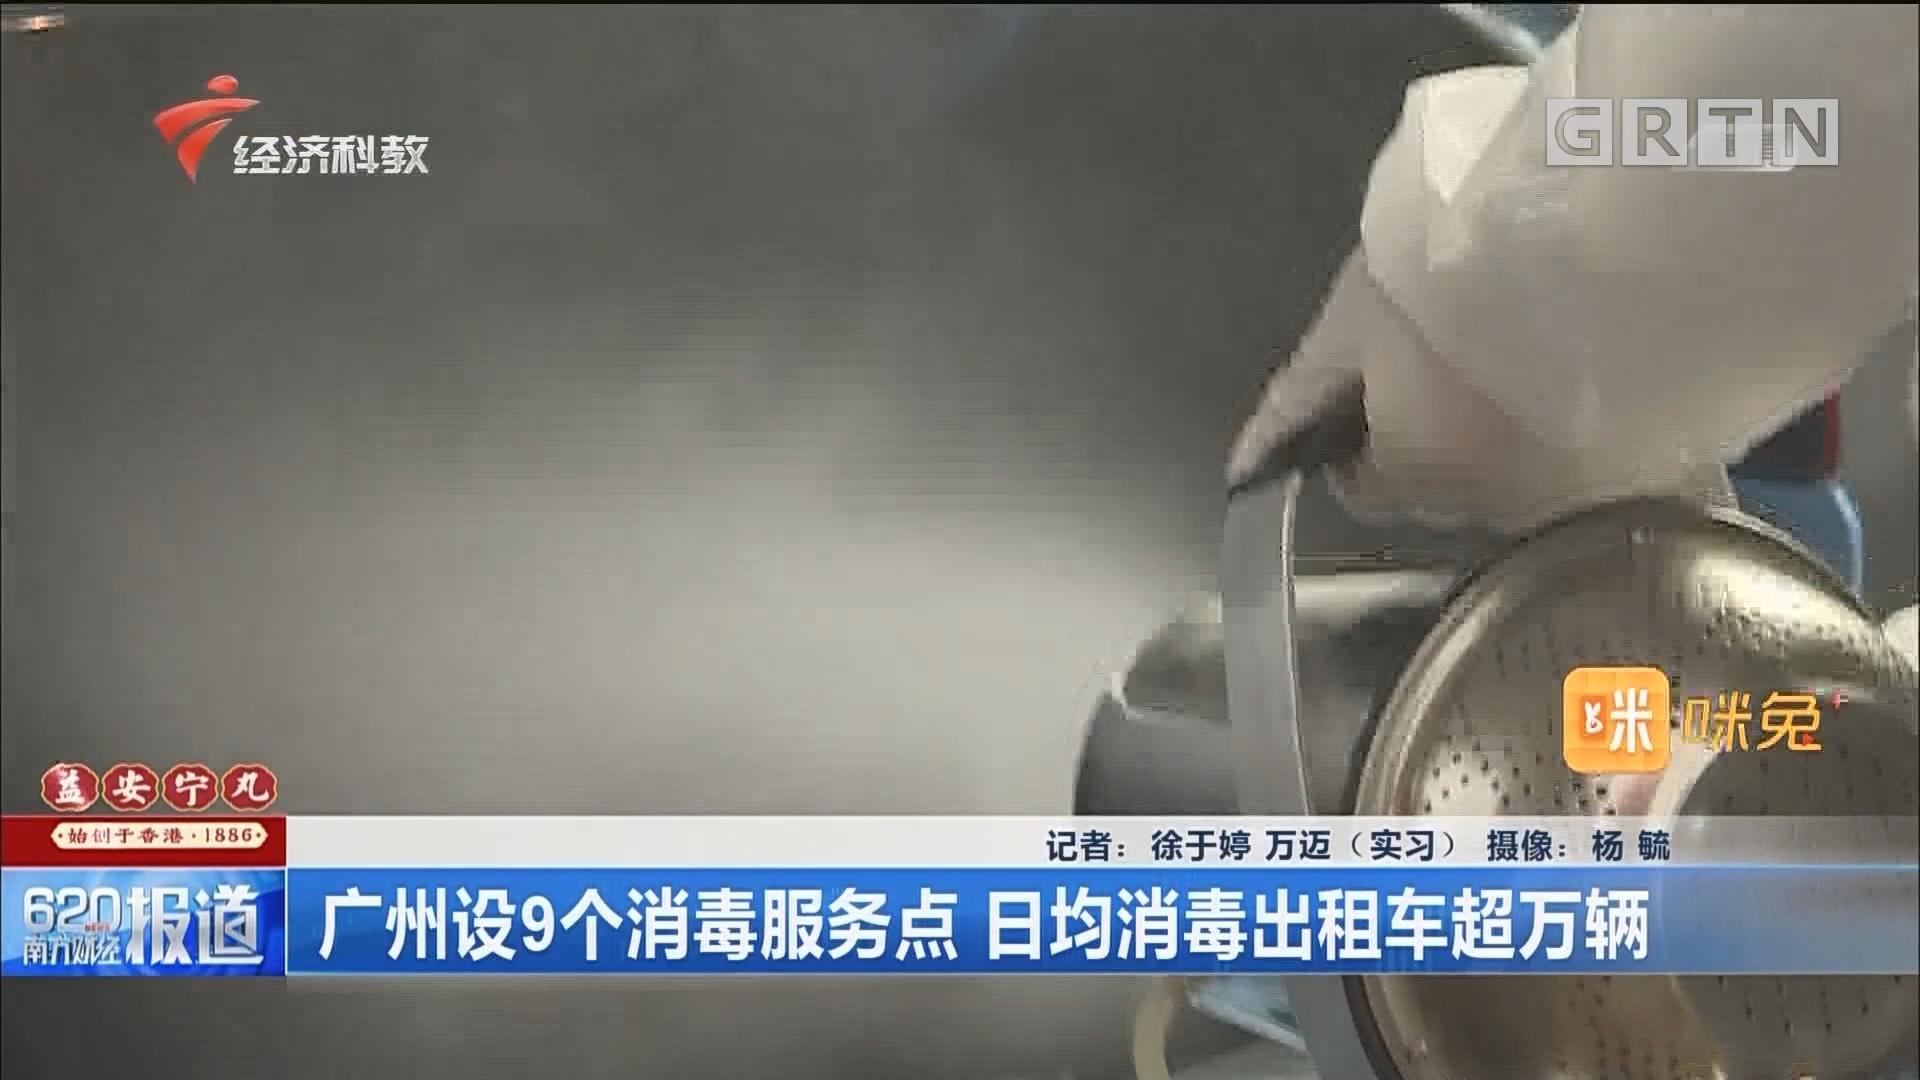 广州设9个消毒服务点 日均消毒出租车超万辆